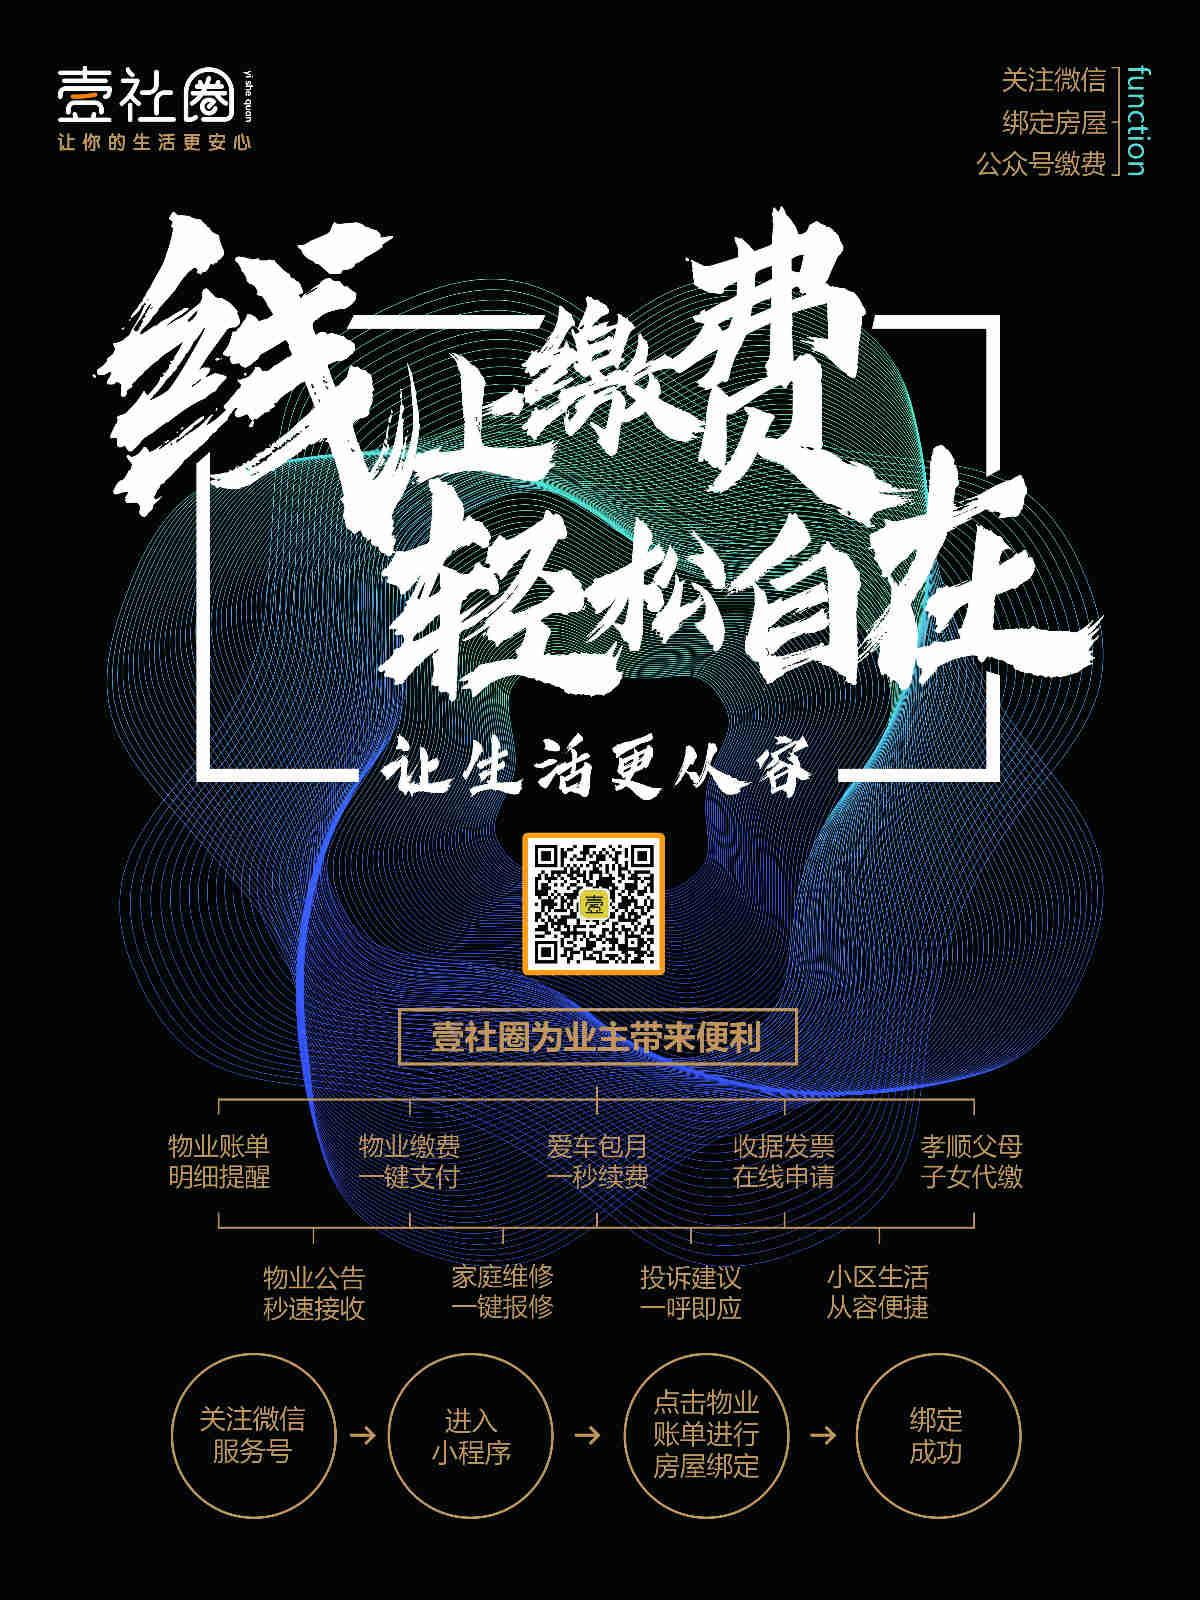 壹社圈物業管理系統_海南專業的壹社圈物業收費軟件服務公司